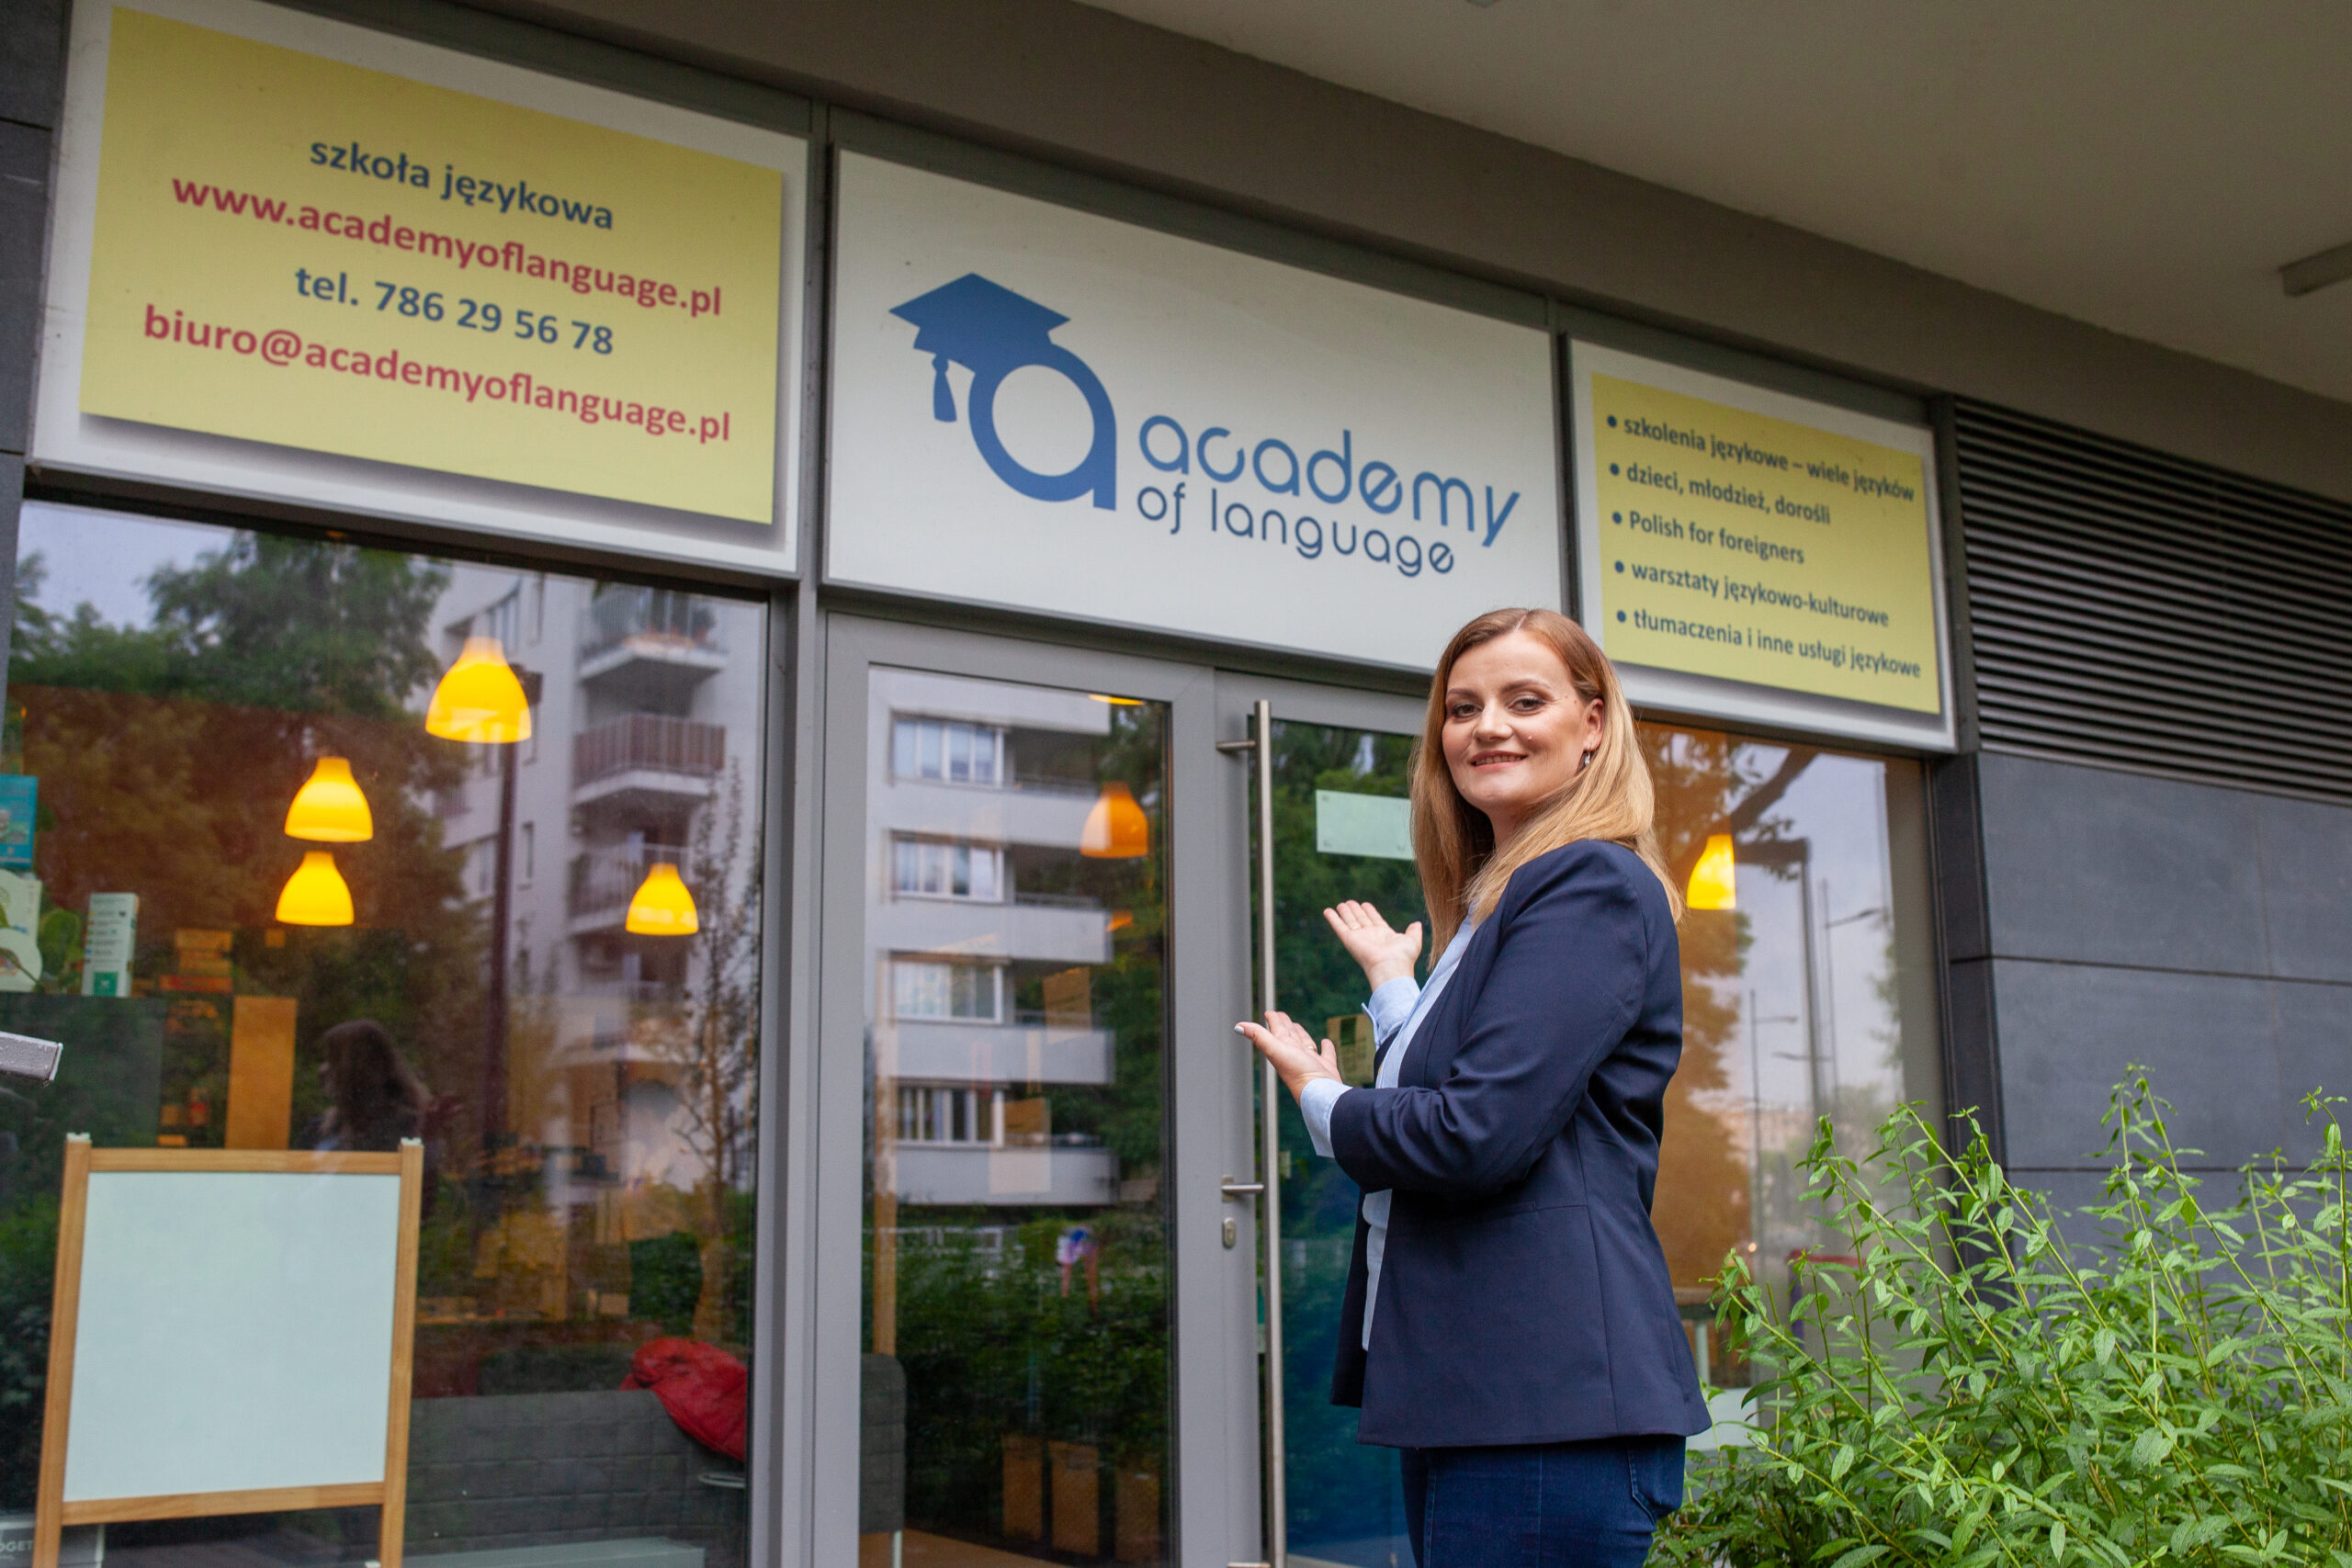 Od 2014 roku znajdujemy się przy ulicy Rydygiera 11/U7 na warszawskim Żoliborzu. Zaufało nam już ponad 2500 klientów, co roku siedmiu języków (angielskiego, niemieckiego, hiszpańskiego, francuskiego, włoskiego, rosyjskiego i polskiego dla obcokrajowców) uczy się z nami ponad 500 osób. Prowadzimy zajęcia stacjonarnie i on-line. Dzięki naszemu know-how i długoletniemu doświadczeniu obie formy nauki okazują się u nas równie skuteczne i obie mają swoich fanów. Nauczamy na kursach grupowych, wyłącznie w małym, zazwyczaj 4-6-osobowym gronie uczniów, bo wierzymy, że kameralna grupa sprzyja aktywności i efektywności nauki. Dla osób, które wolą uczyć się tylko z lektorem, proponujemy kursy indywidualne i w parach. Z naszych usług korzystają dorośli, młodzież i dzieci od czwartego roku życia. Prowadzimy też kursy in-company dla pracowników firm oraz kursy ogólne i egzaminacyjne w szkołach podstawowych (m.in.: SP 223, SP Przymierza Rodzin). Zajęcia odbywają się w naszej placówce, w domach kursantów, w biurach i instytucjach oraz on-line. 90% naszych klientów to osoby kontynuujące kursy oraz takie, którym naszą szkołę polecili zadowoleni kursanci!